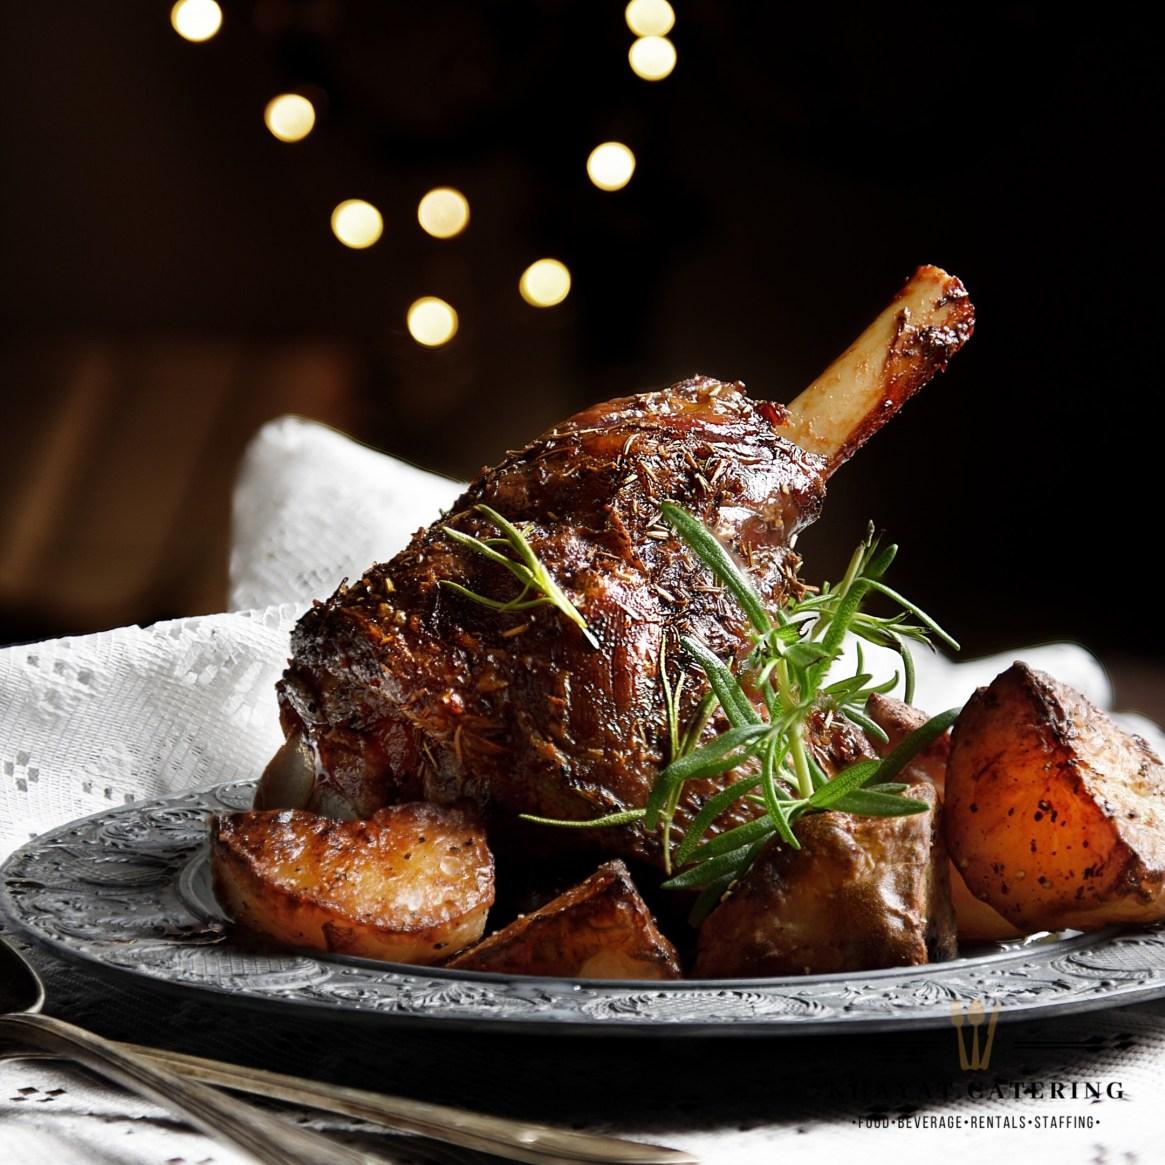 Khayat Catering lamb shank